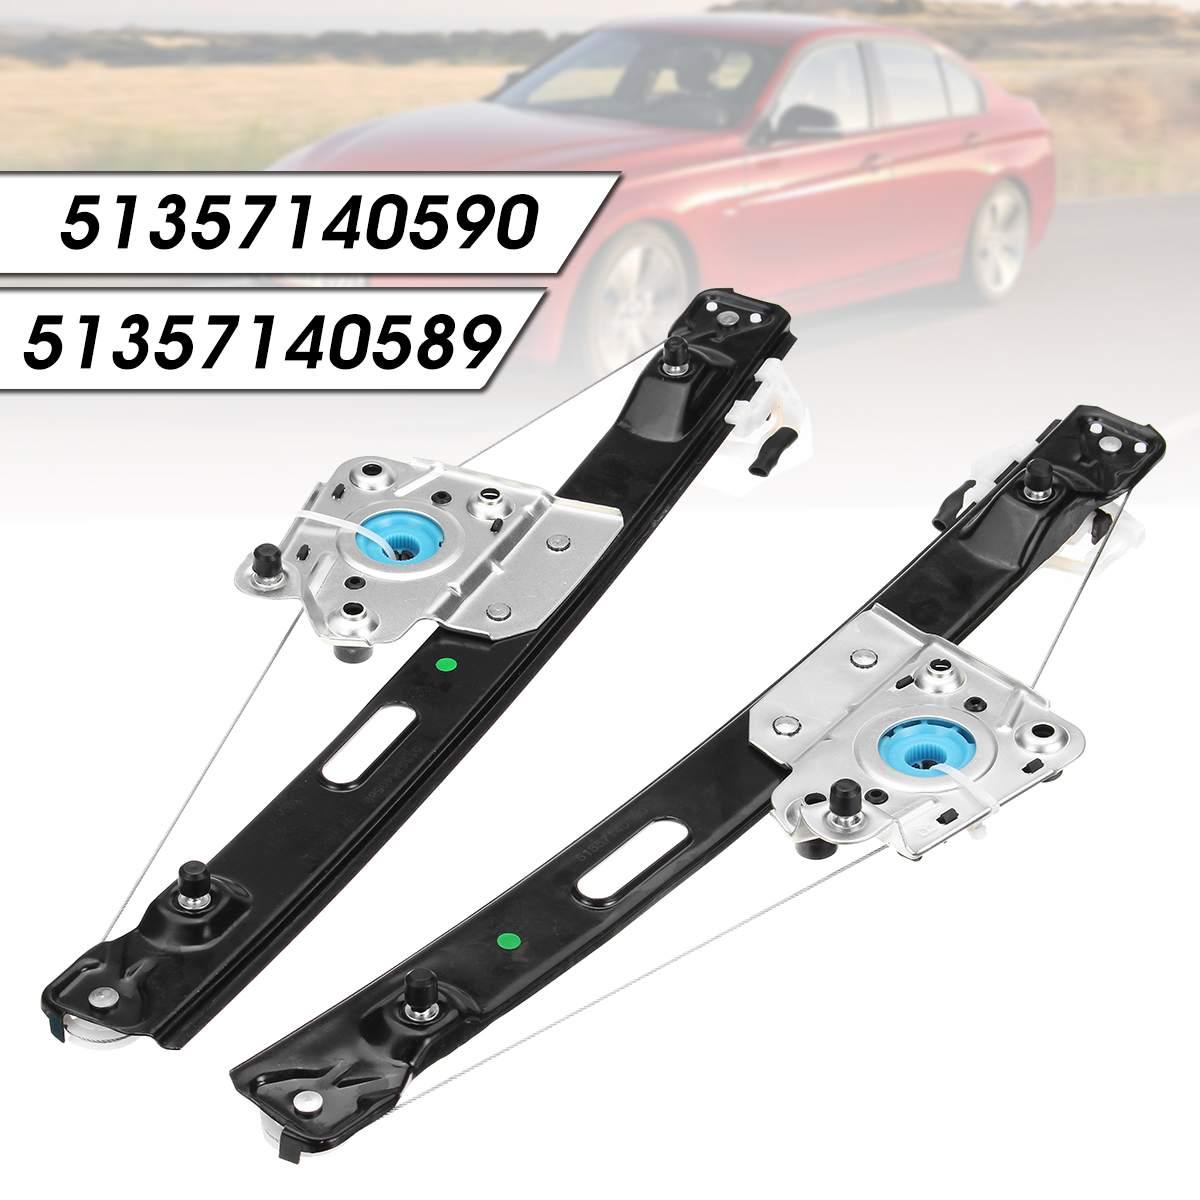 Arka sol/sağ güç pencere regülatörü BMW 3 serisi için E90 E91 323i 325i 325xi 328i xDrive 330xi Sedan 51357140589